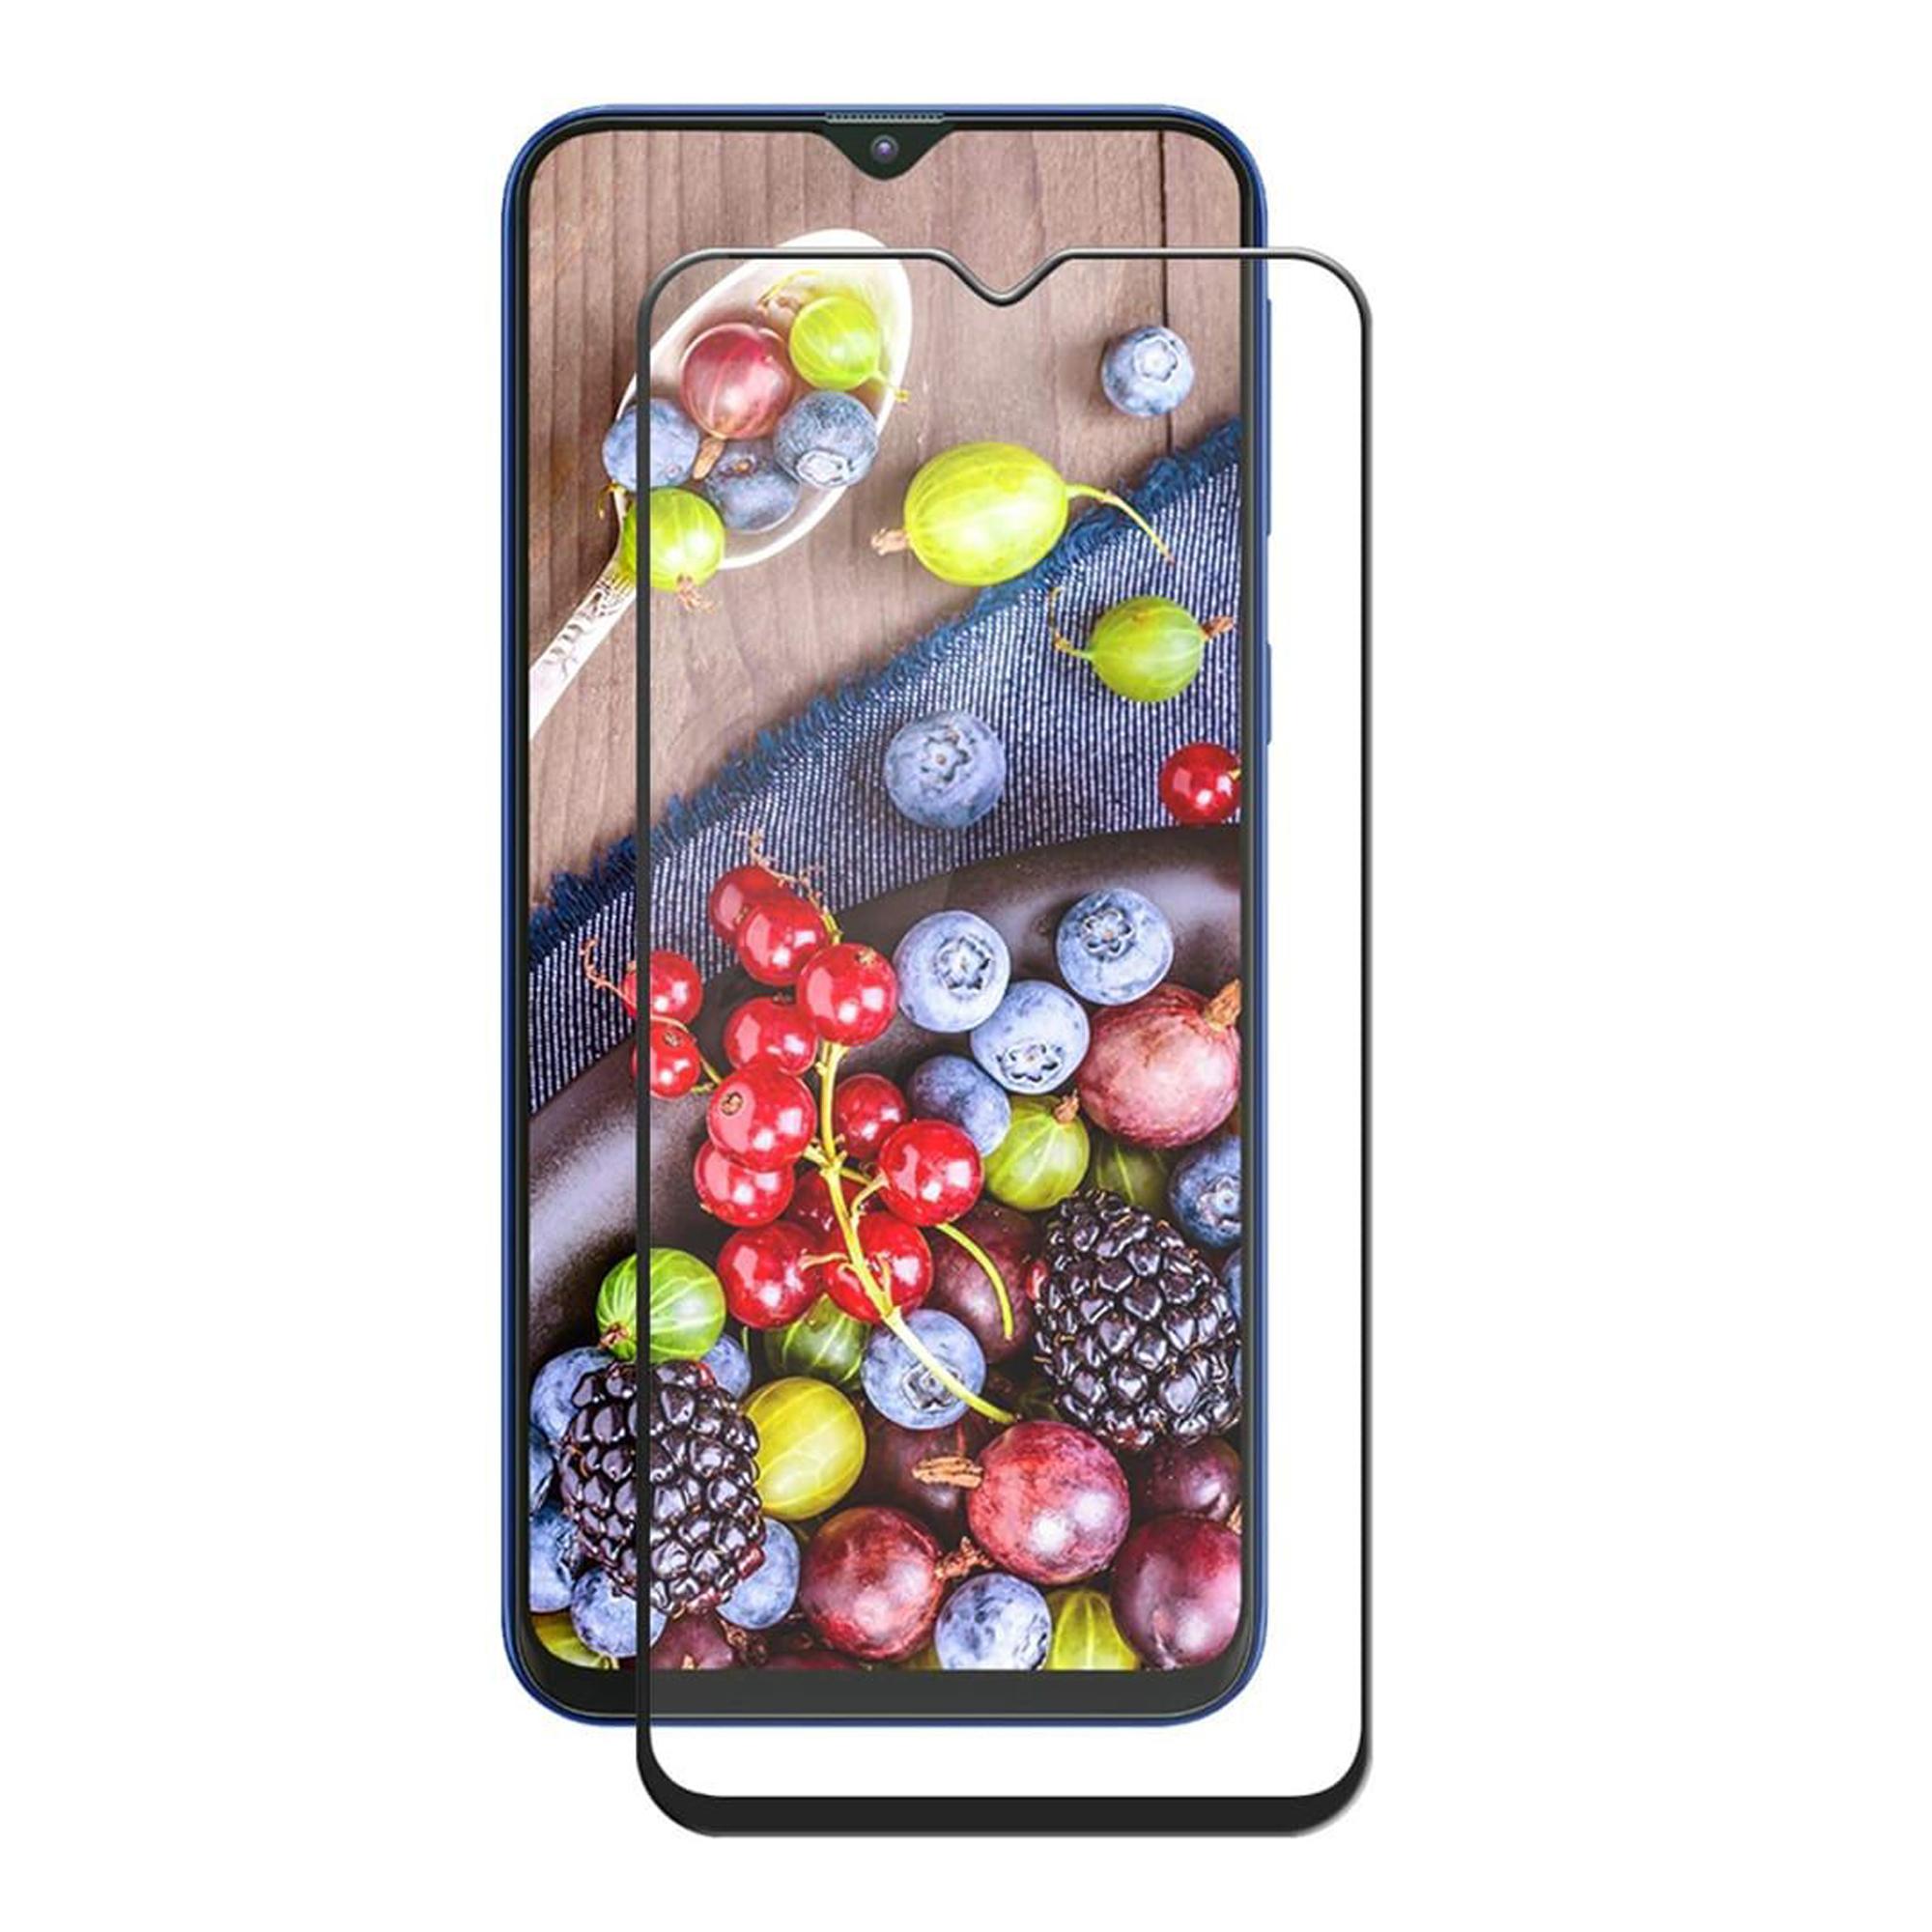 محافظ صفحه نمایش مدل re-1 مناسب برای گوشی موبایل سامسونگ Galaxy A30